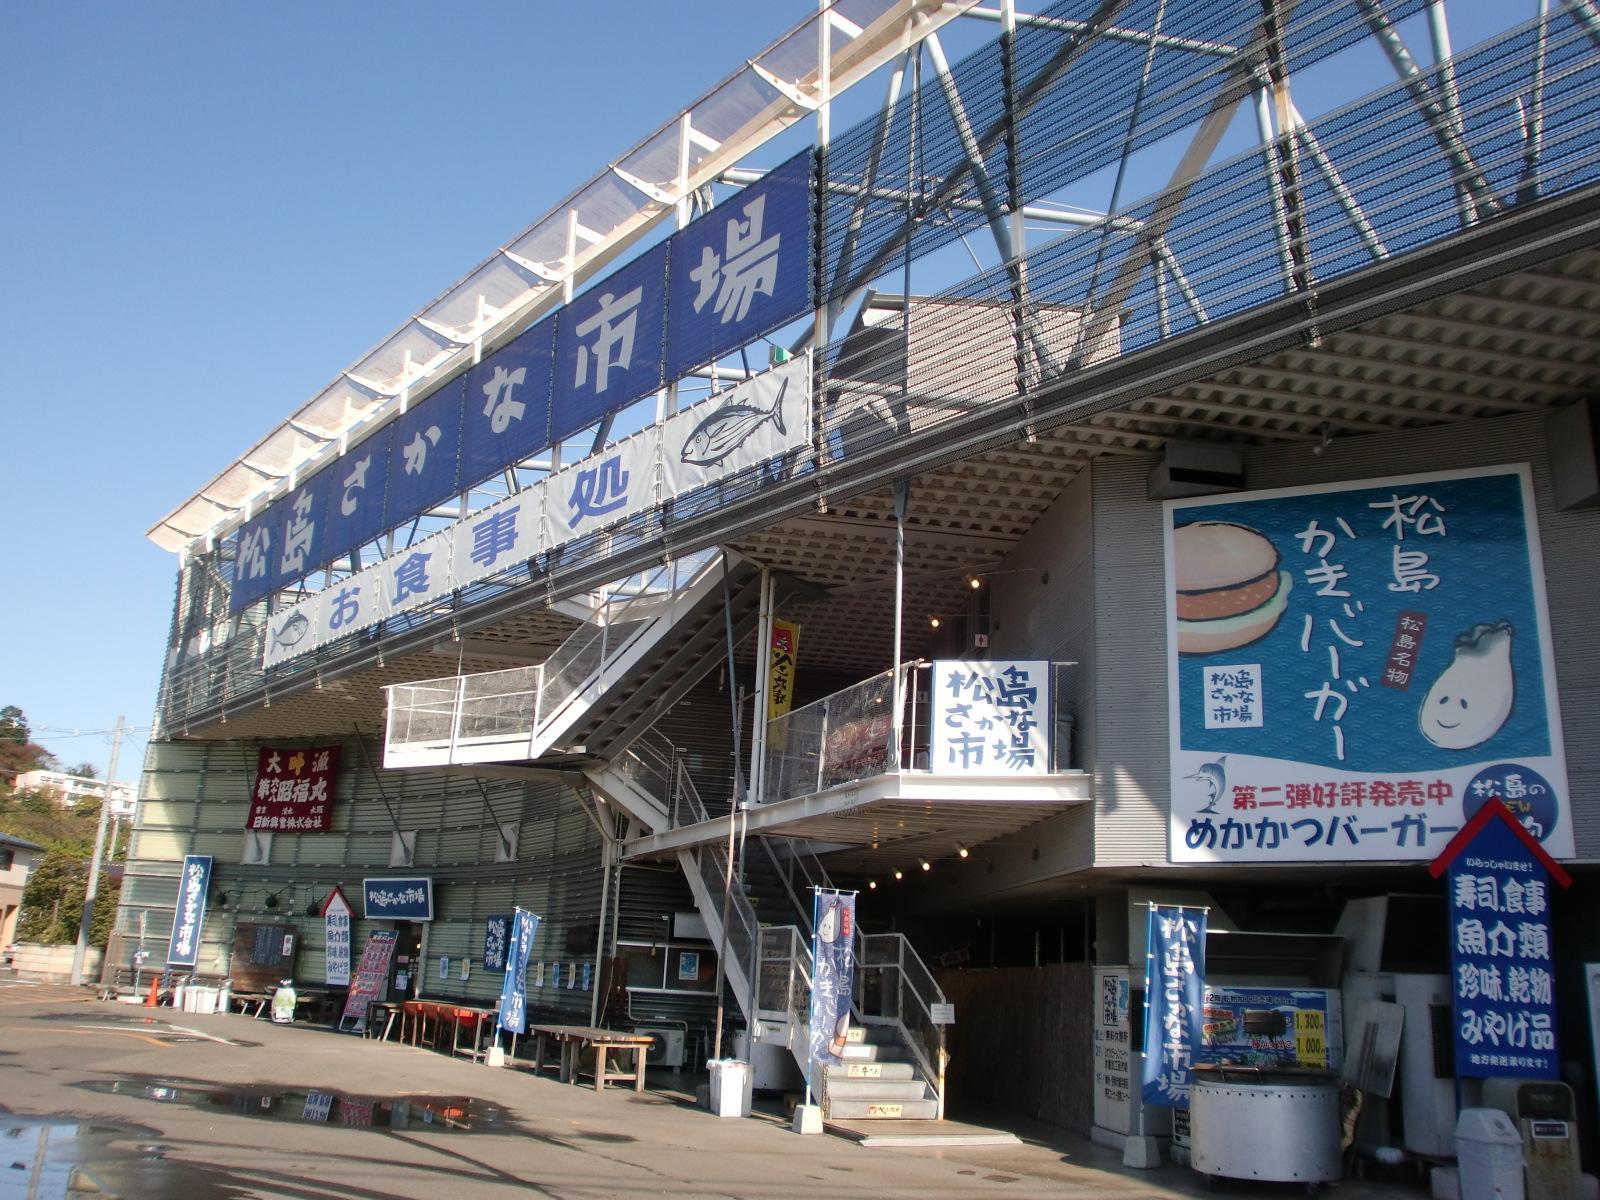 宮城県|松島・塩竈